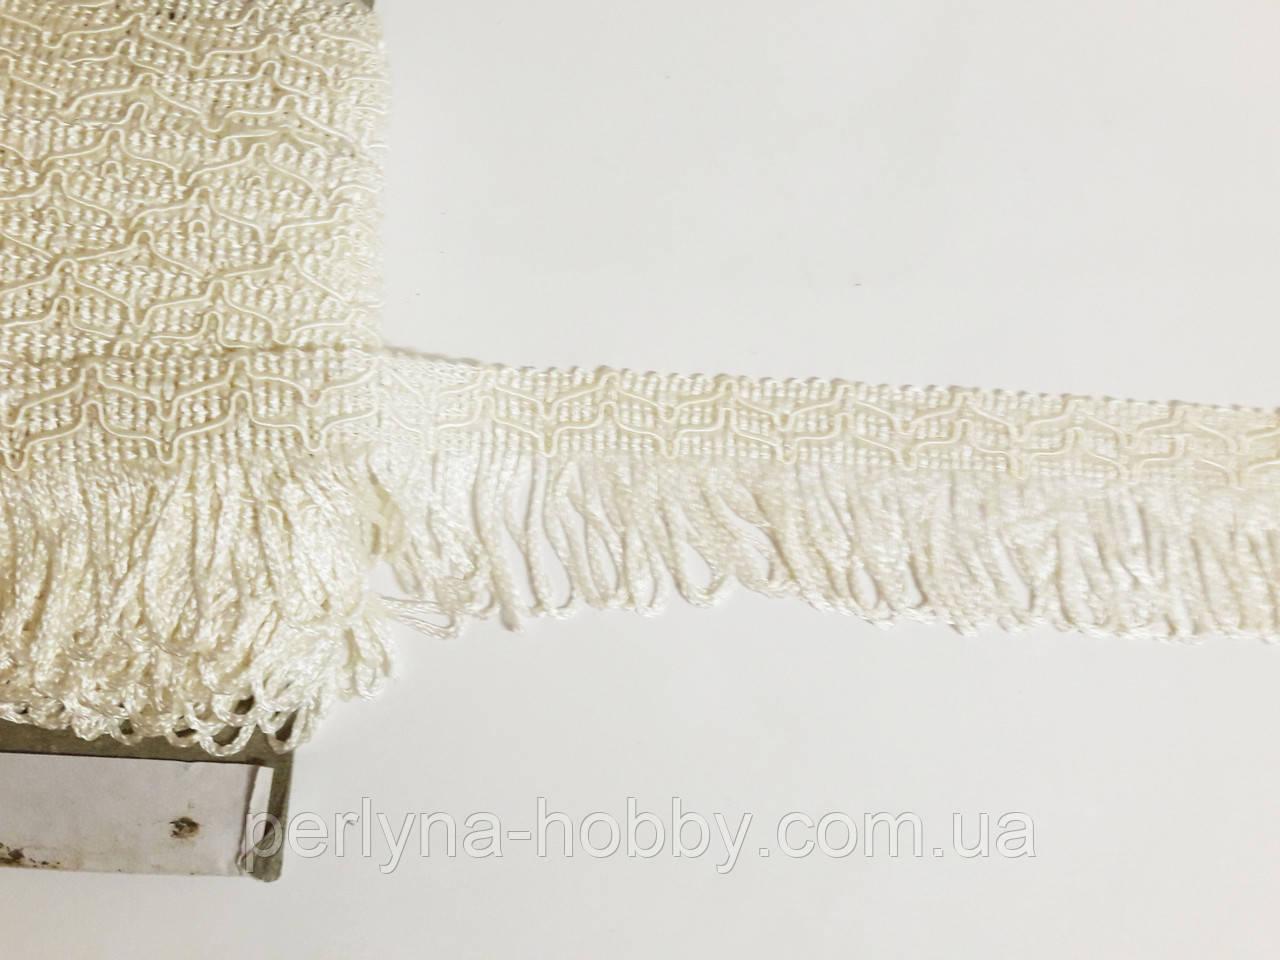 Бахрома декор шовкова кольору Слонової кості ( молоко)  4,5 см. БД 0135